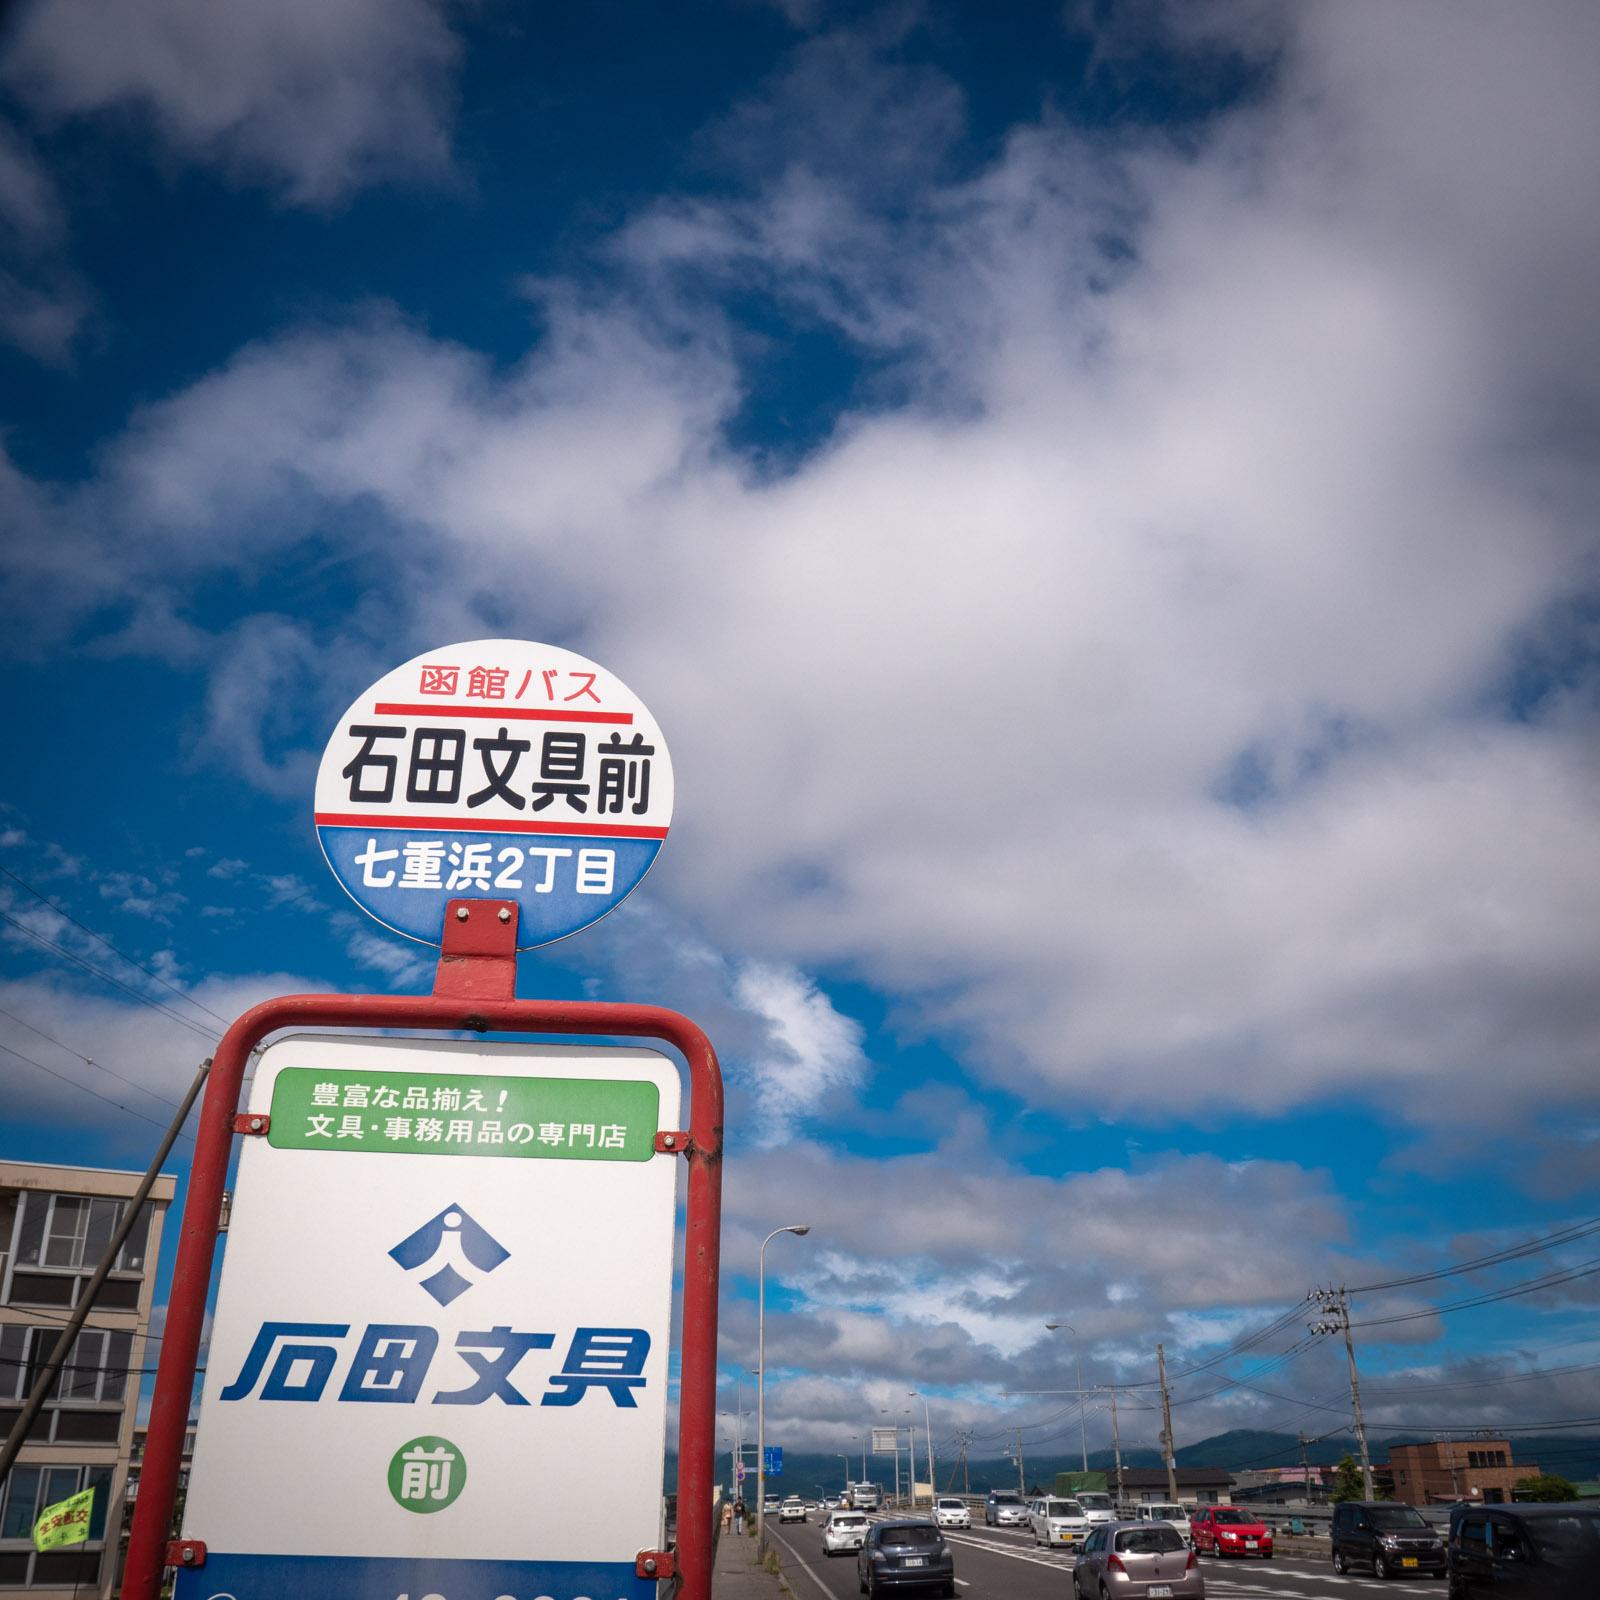 石田文具前バス停と夏空